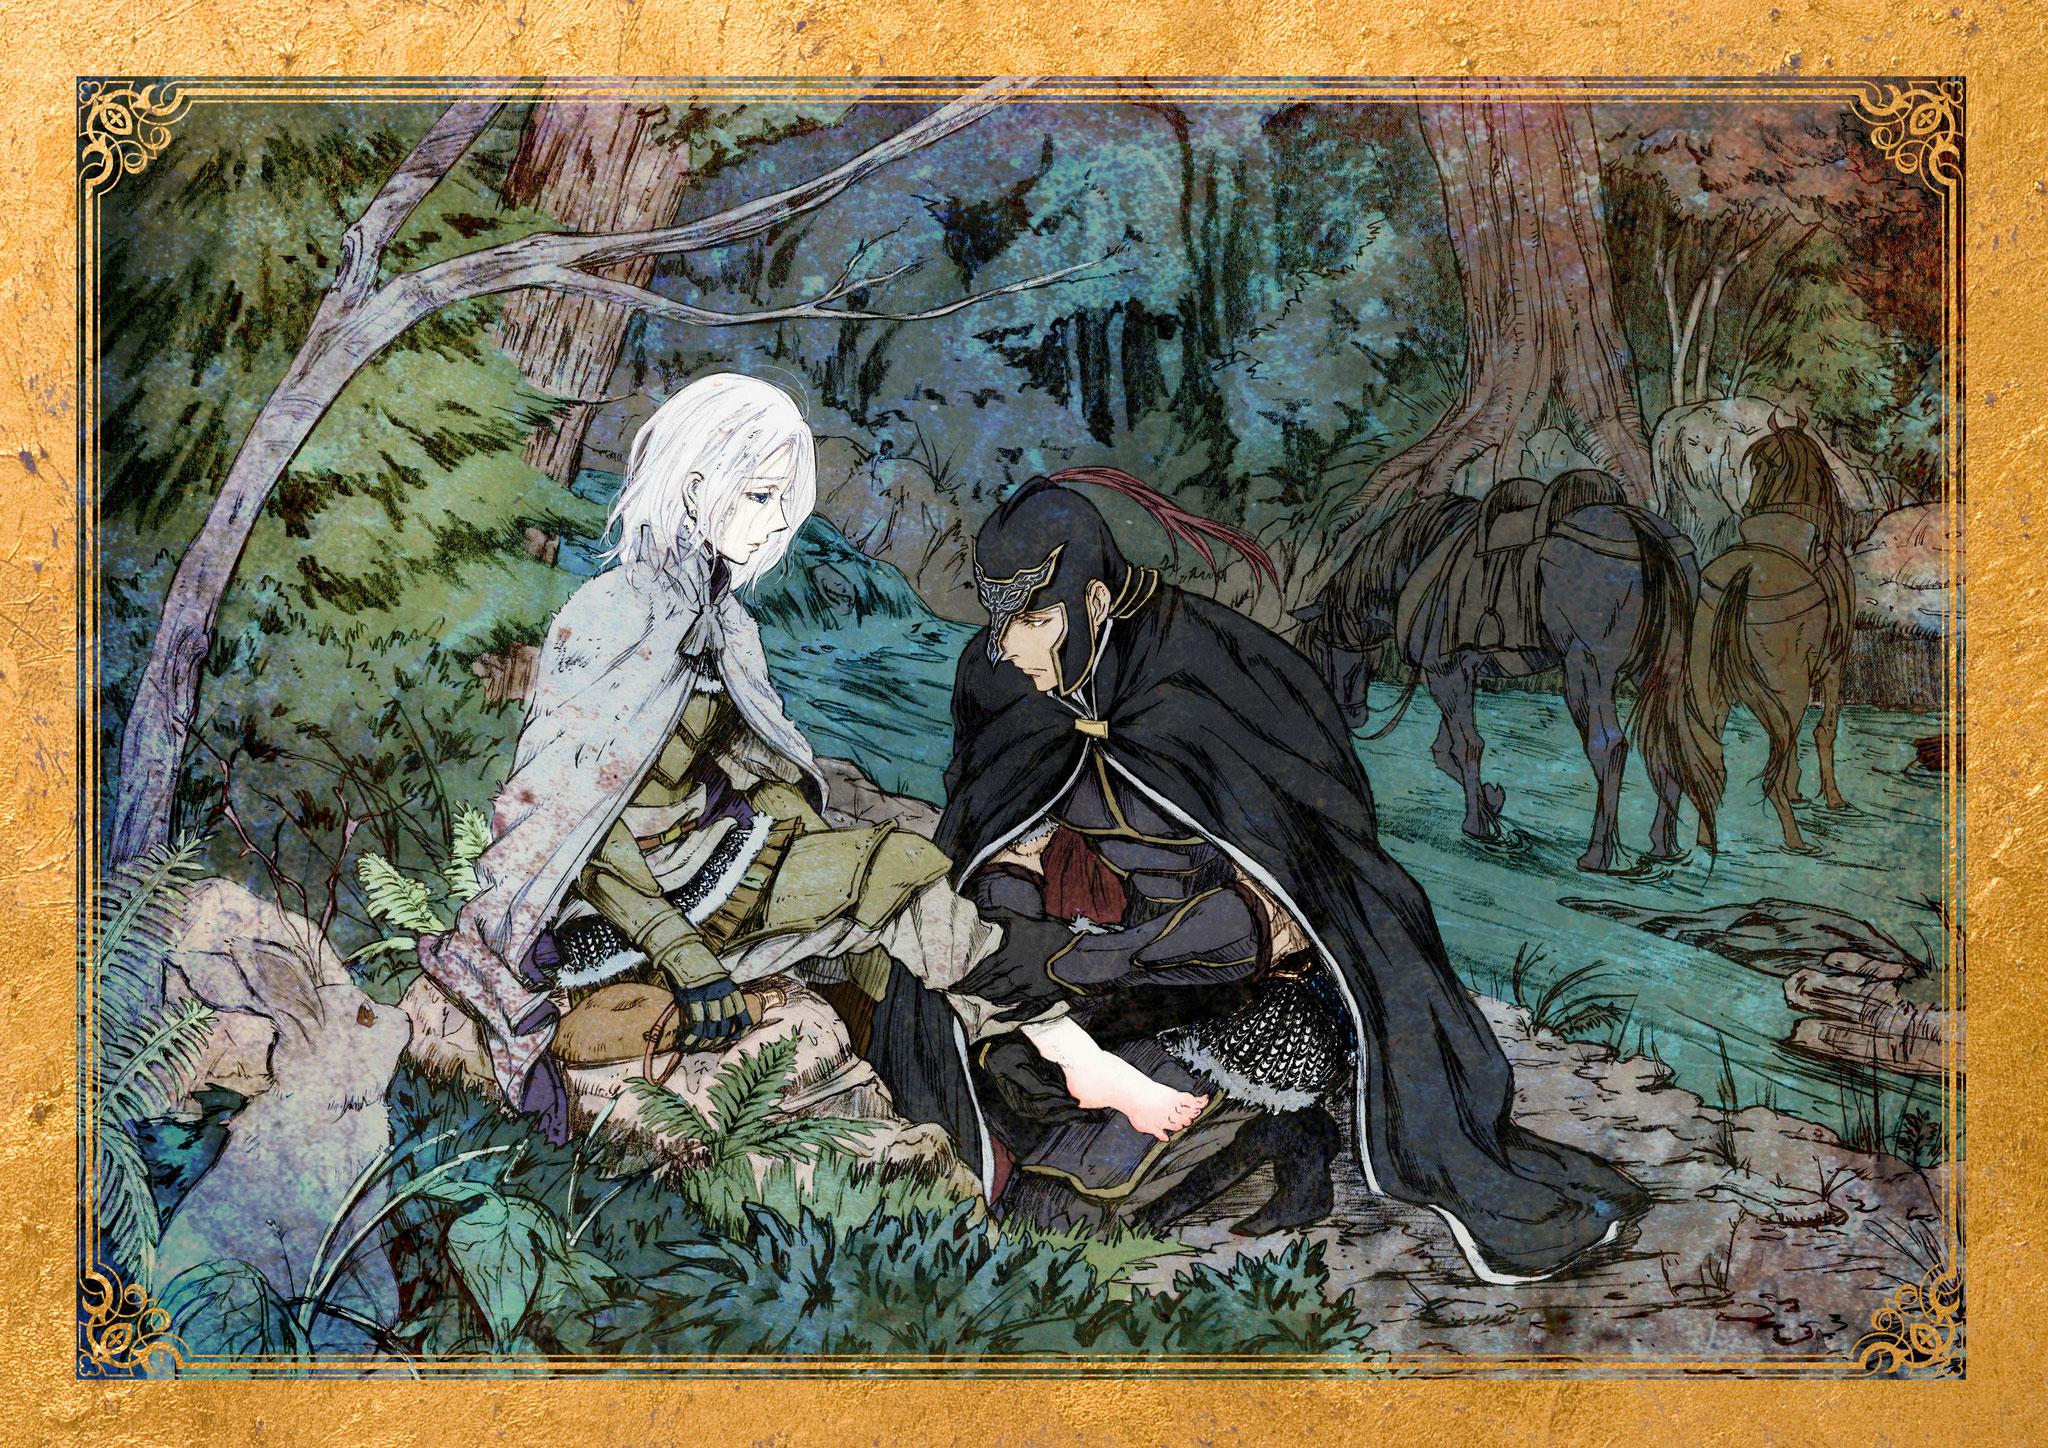 TVアニメ『アルスラーン戦記 風塵乱舞』ミニ朗読劇 イラスト